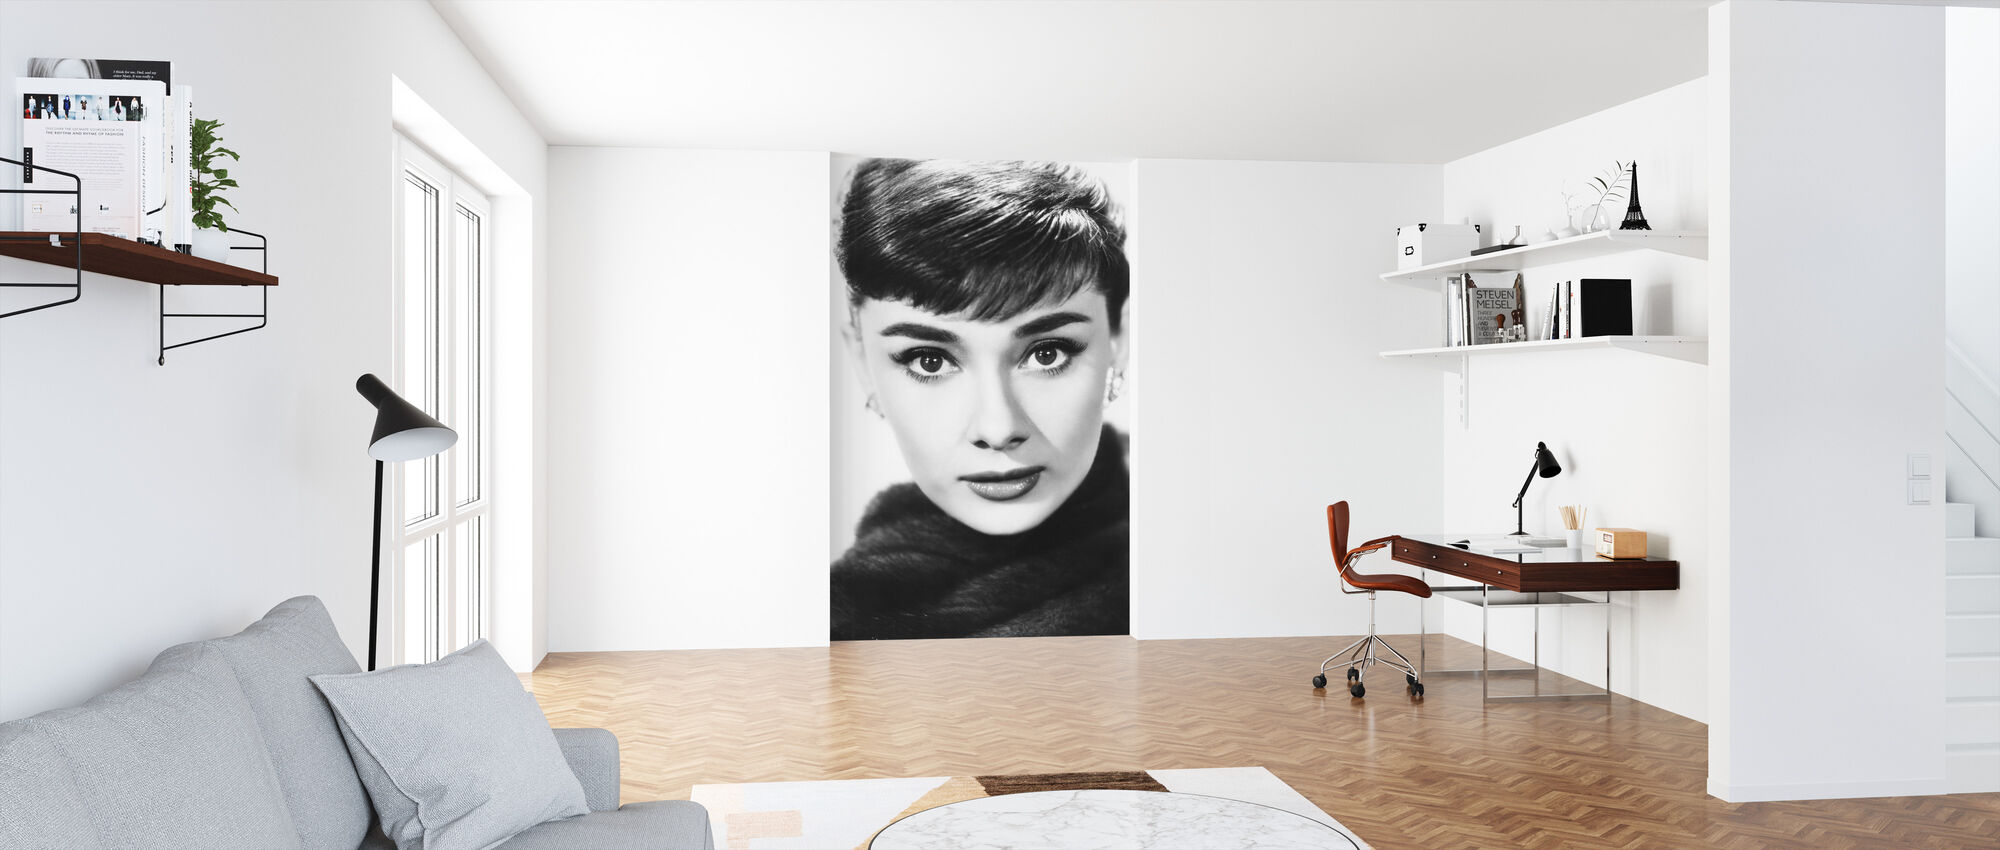 Sabrina - Tapete - Büro